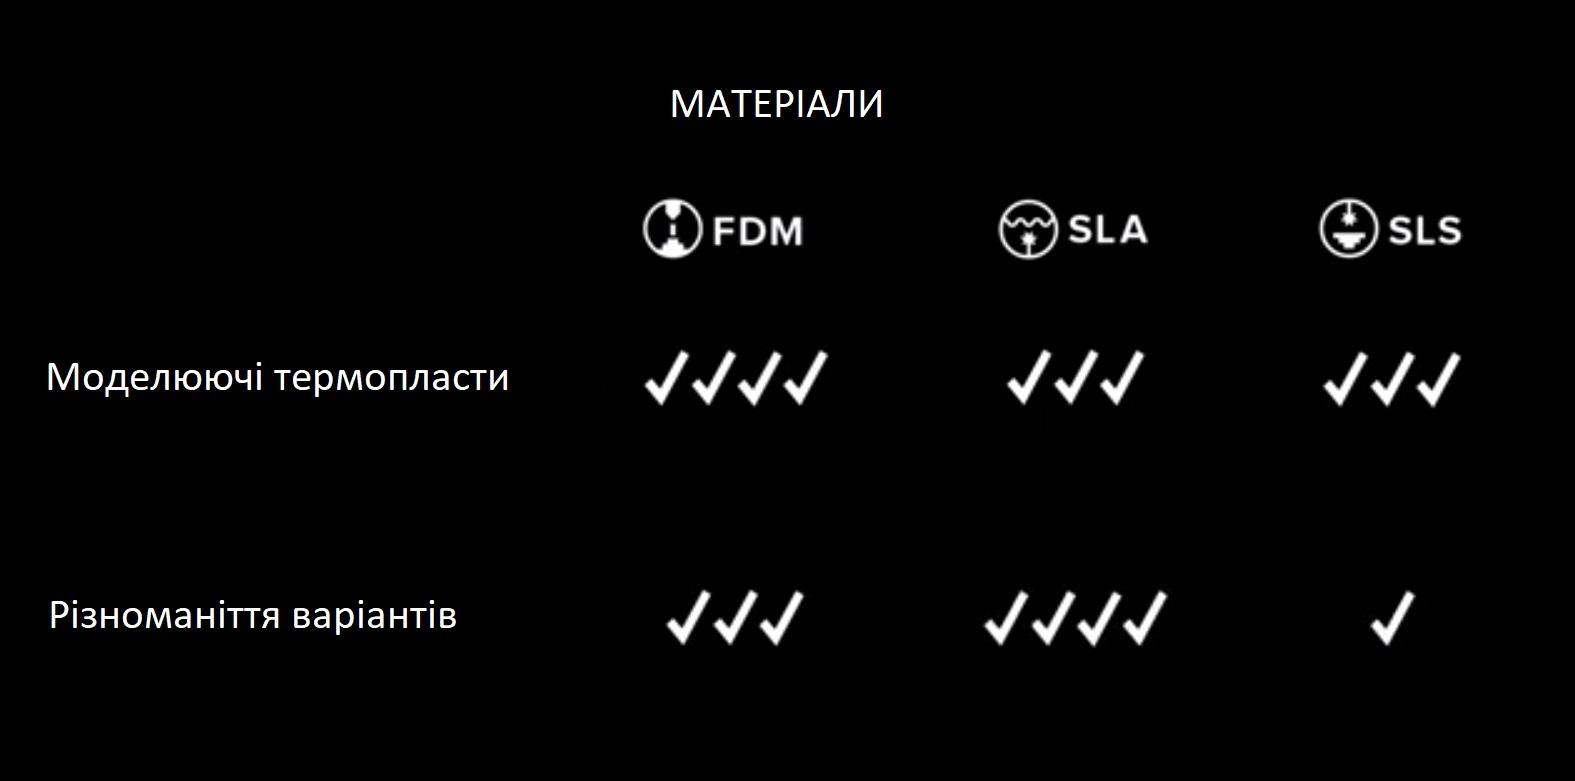 Вибір технології 3D друку. Різноманіття матеріалів в FDM, SLA, SLS технологіях